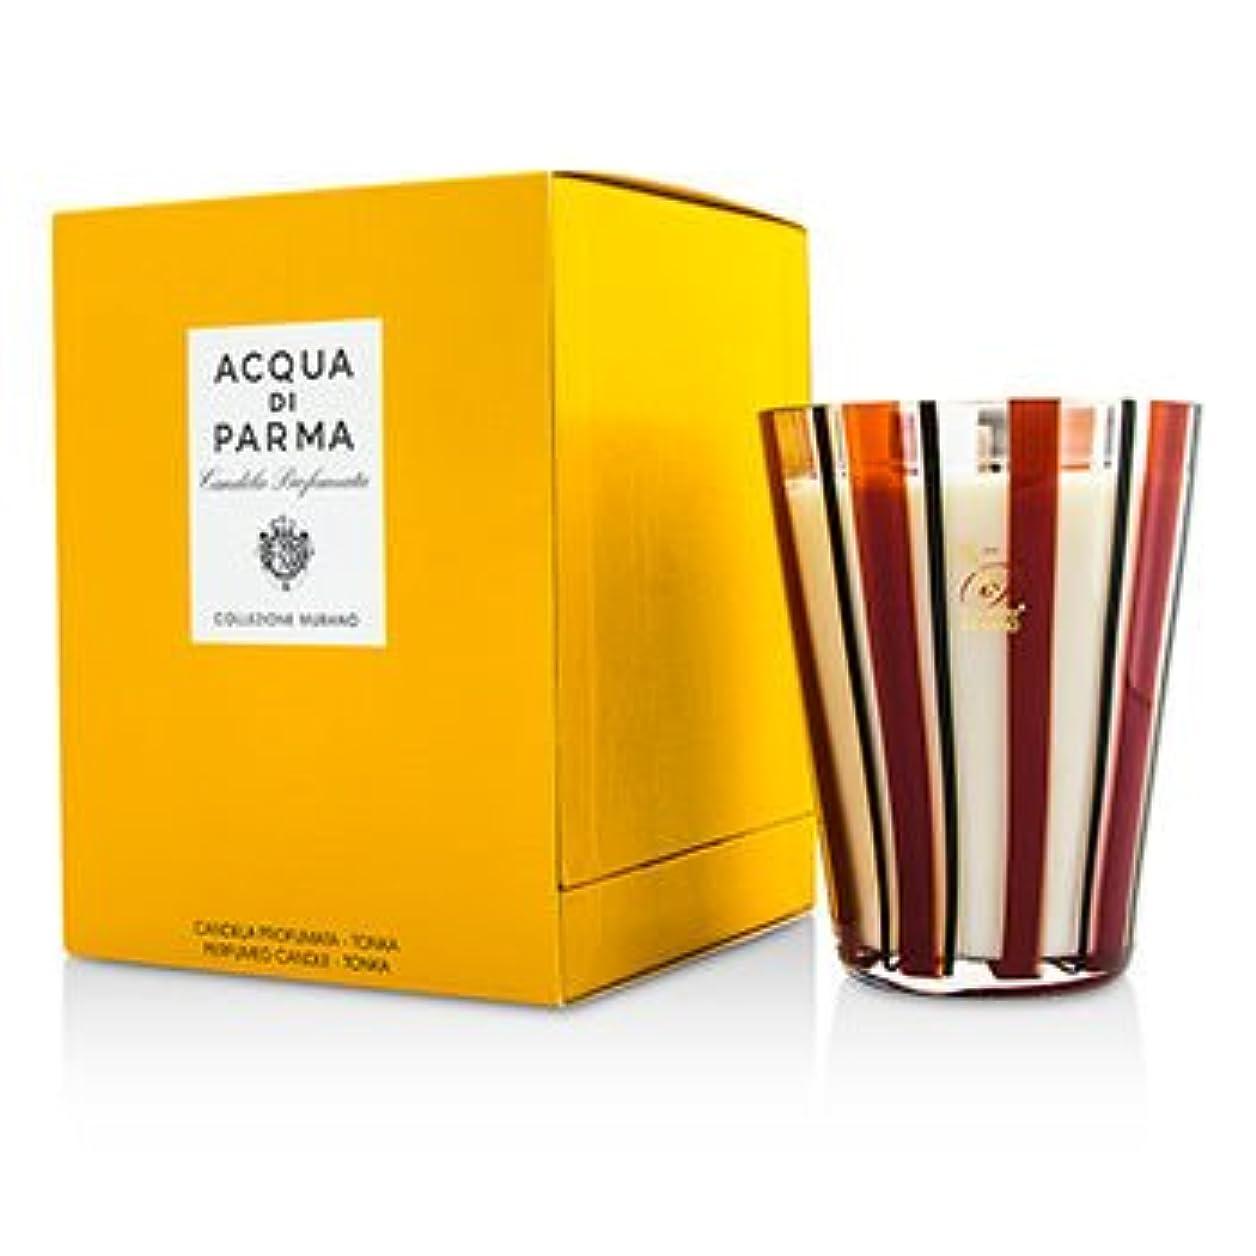 痴漢研究所軍艦[Acqua Di Parma] Murano Glass Perfumed Candle - Tonka 200g/7.05oz